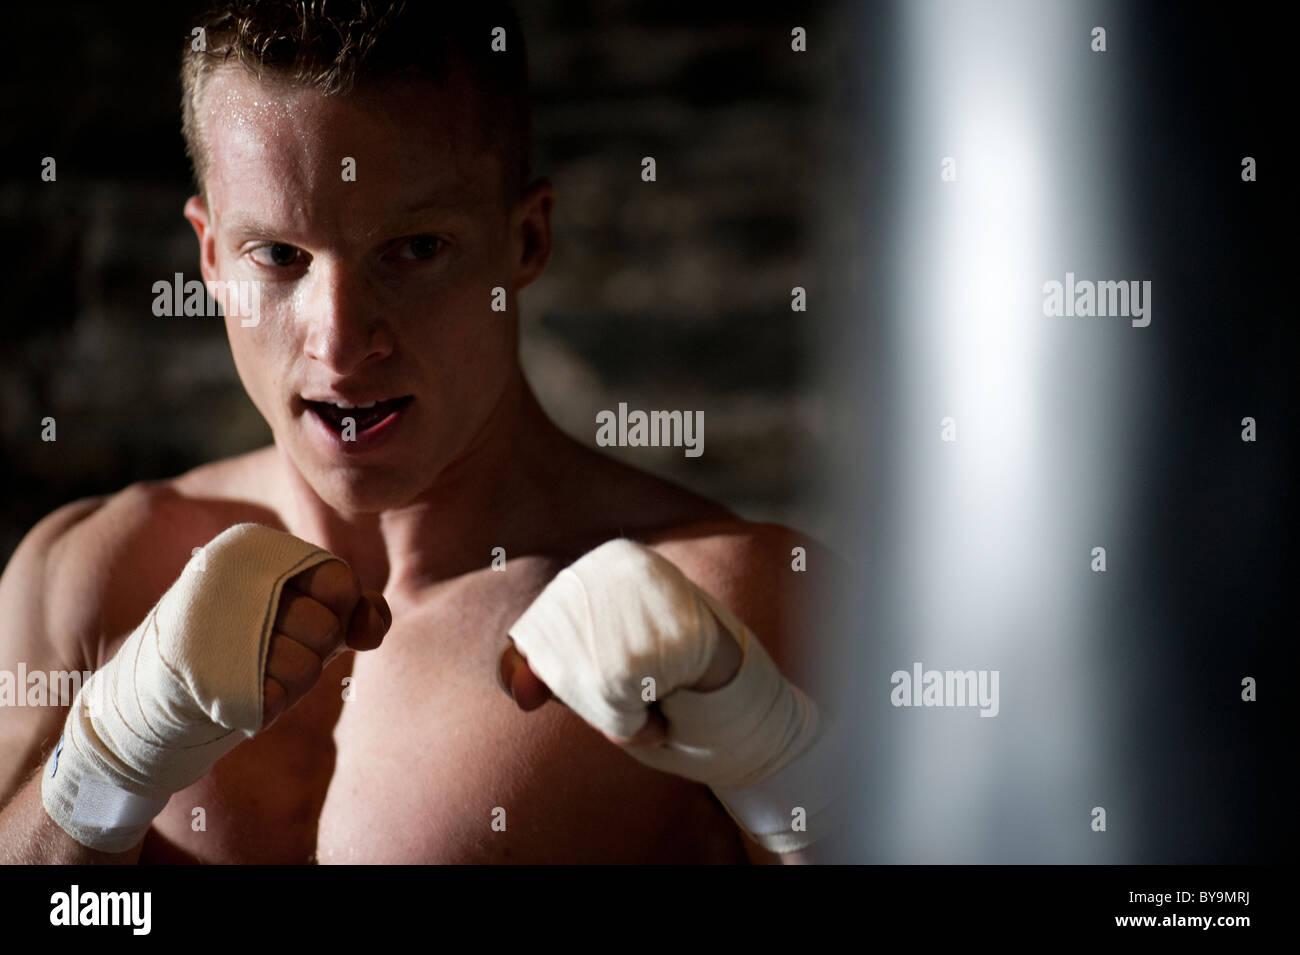 Una adatta fisicamente l'uomo esercita utilizzando un sacco da boxe in una palestra a. Immagini Stock